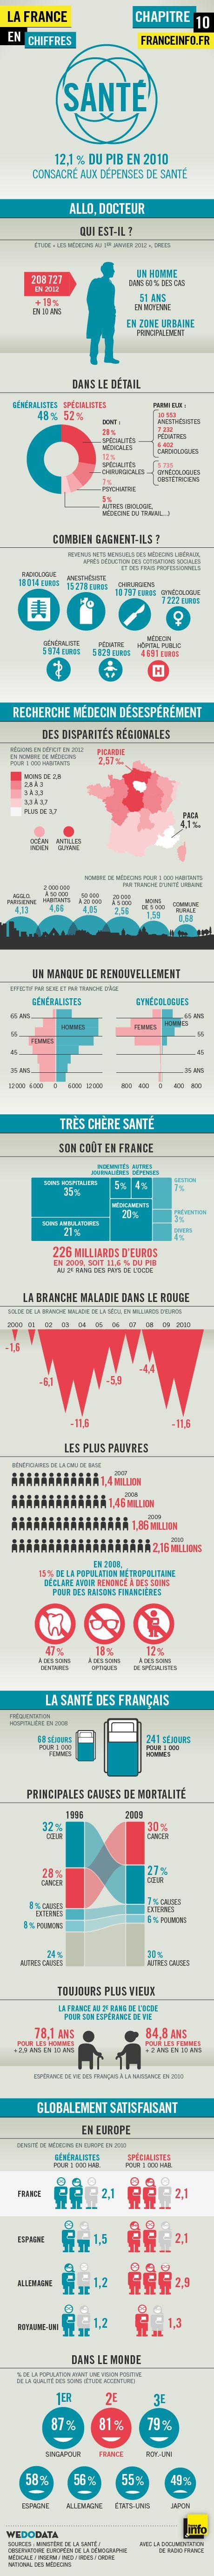 Infographies | La France en chiffres : la santé - France Info